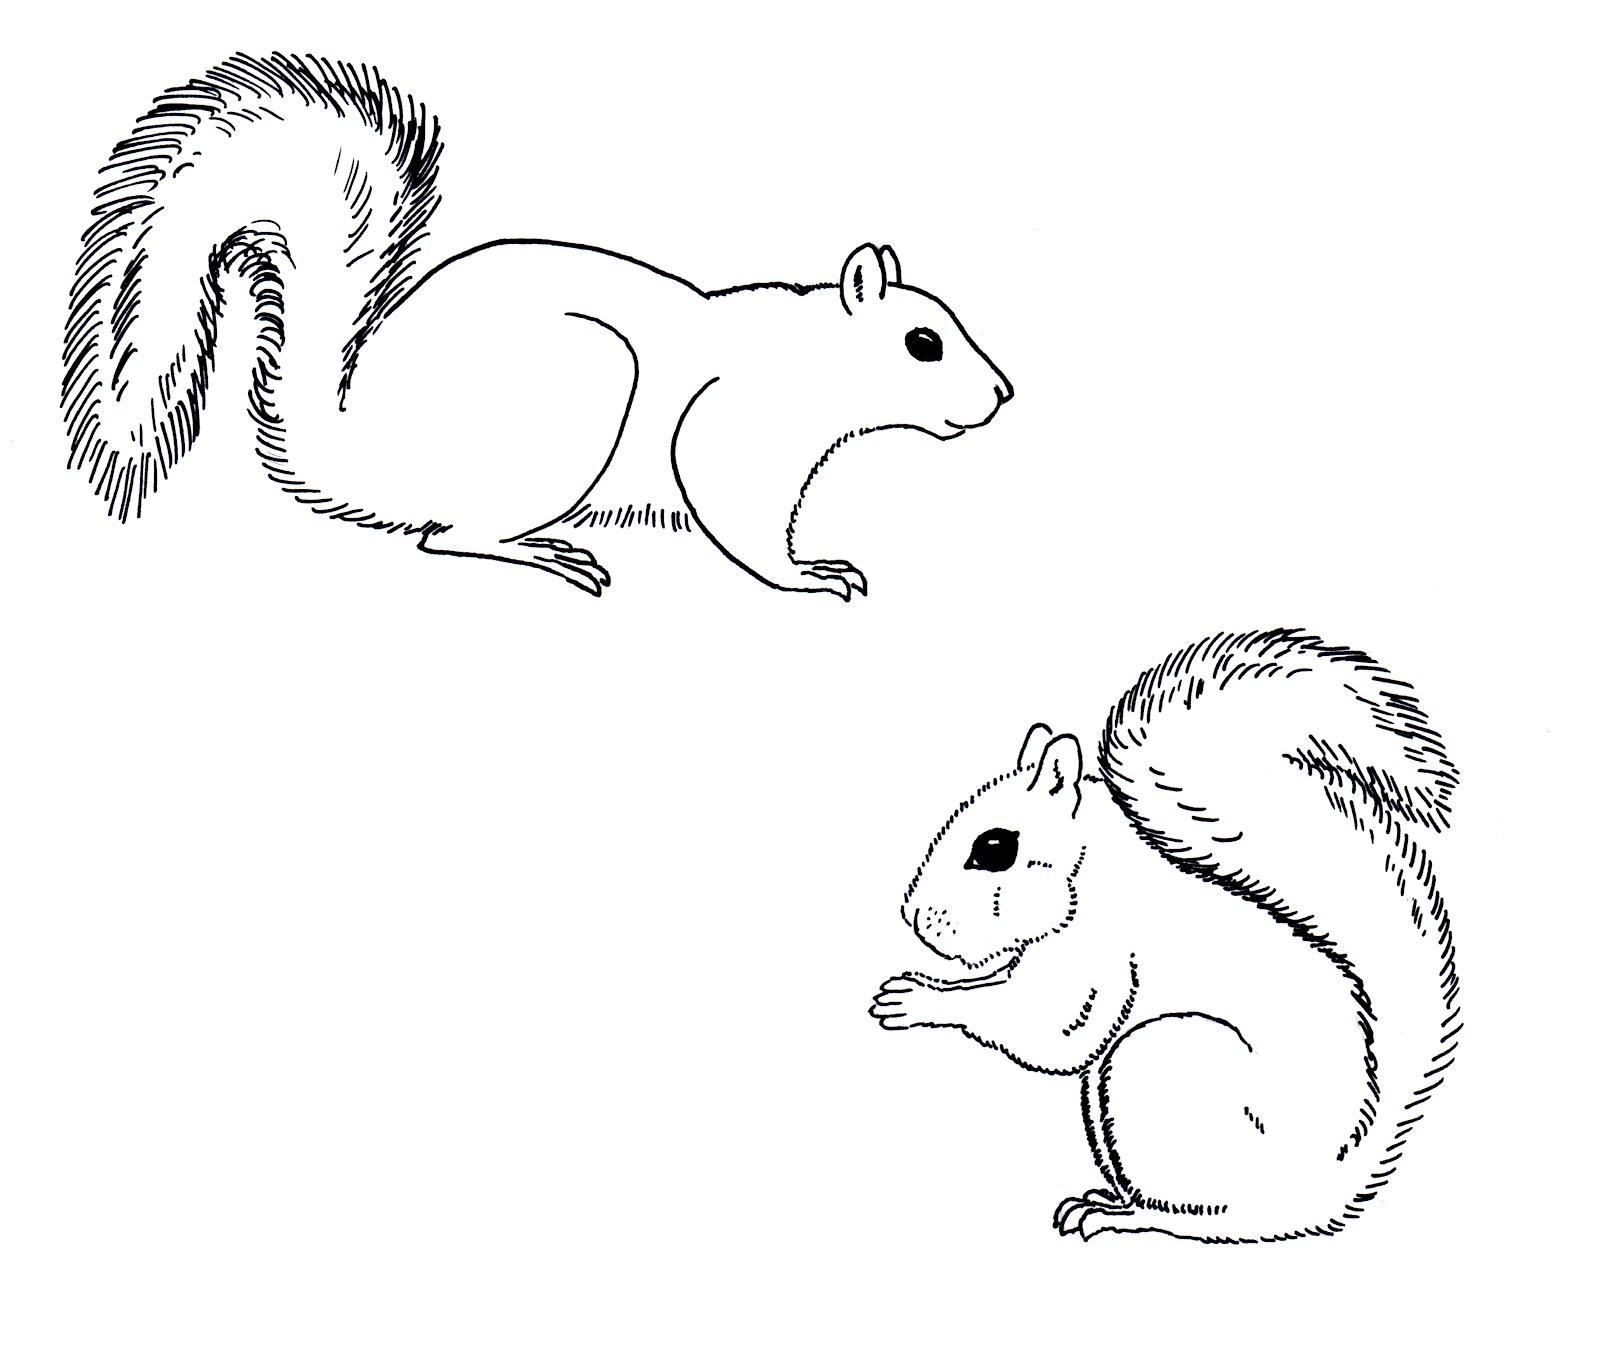 Eastern grey squirrel drawing.